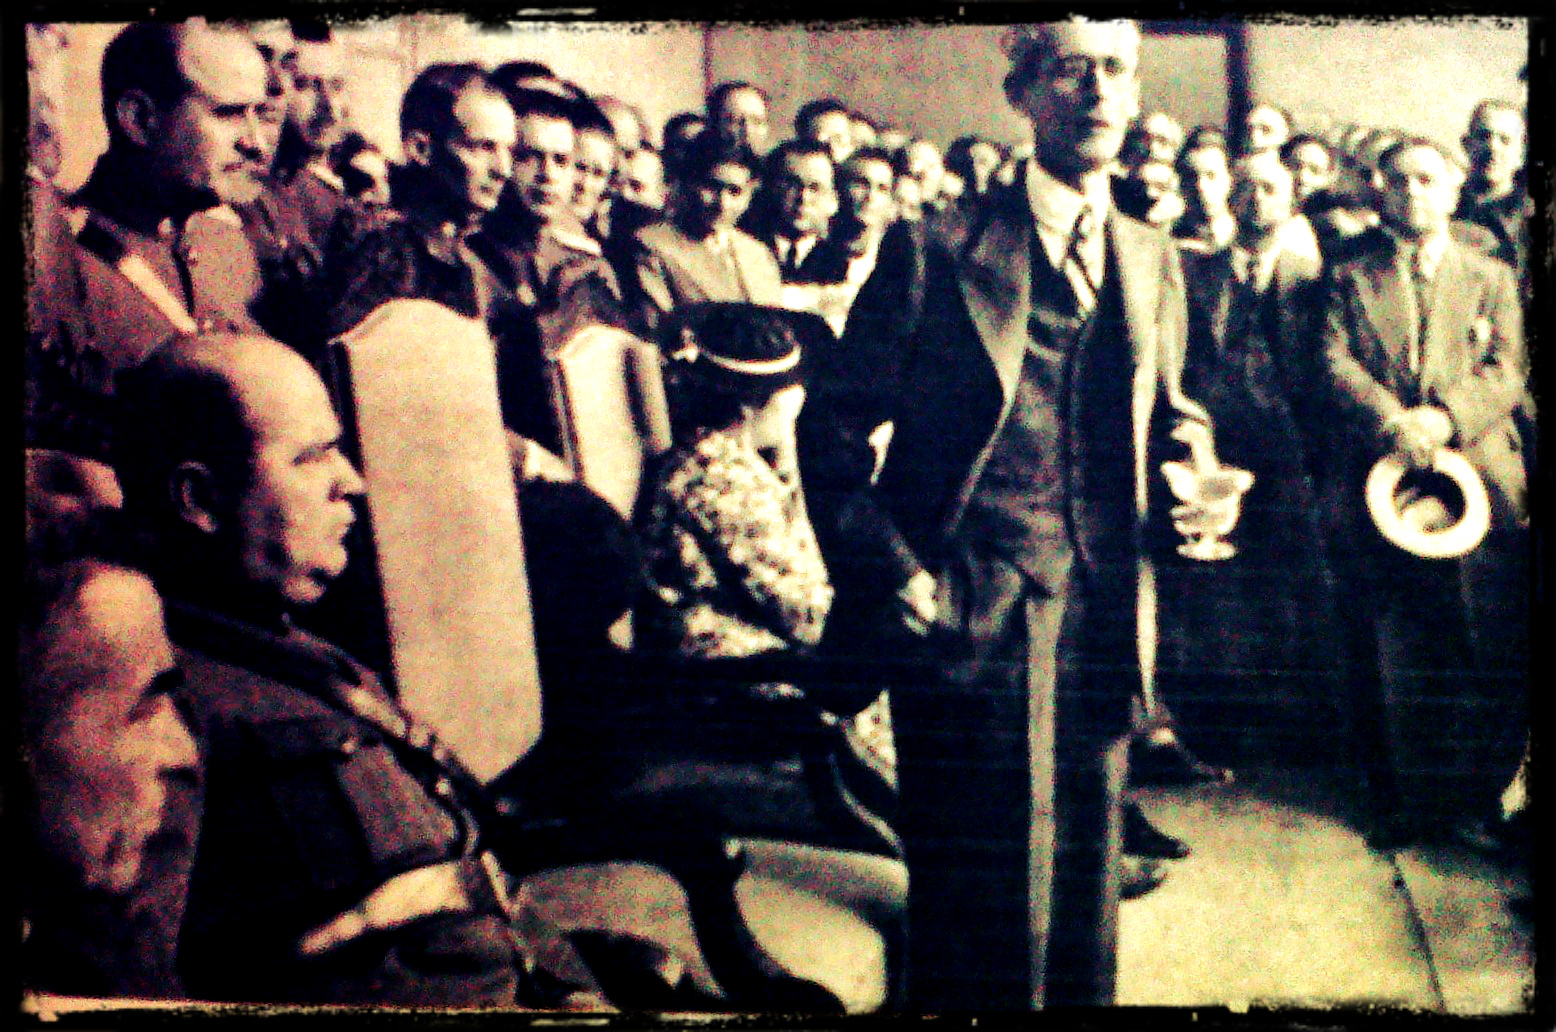 La gran huelga petrolera de 1936 (II): López Contreras abogó por una solución de consenso, sin éxito por la intransigencia de las compañías extranjeras